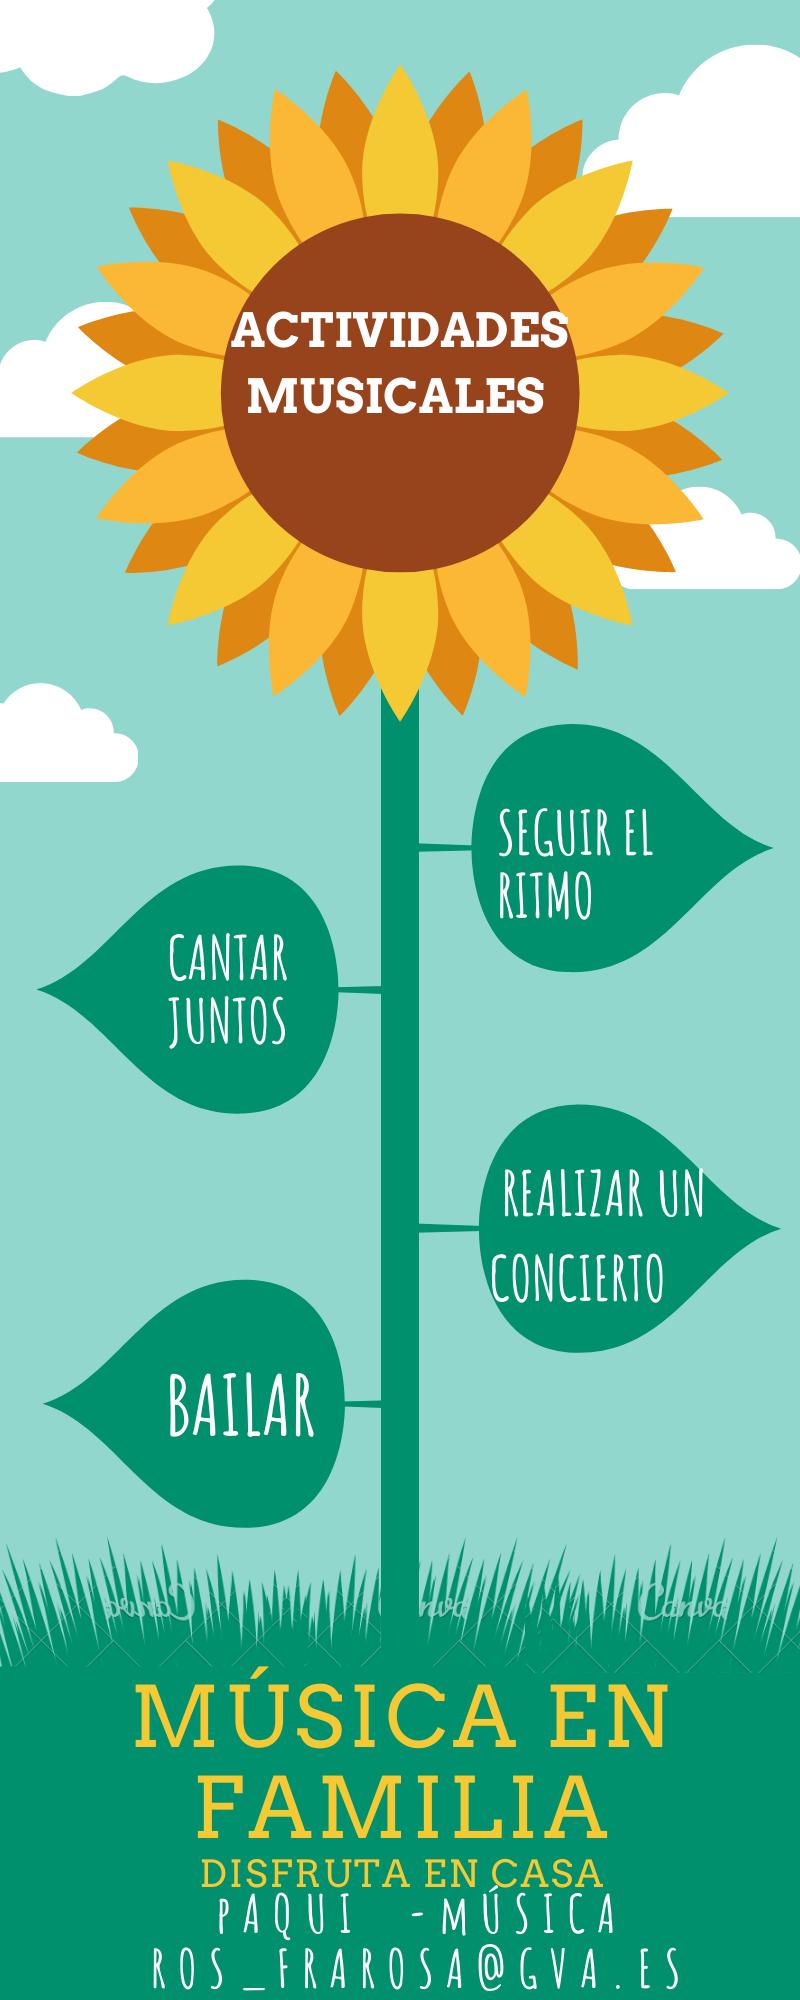 ACTIVIDADES MUSICALES EN FAMILIA -infografia